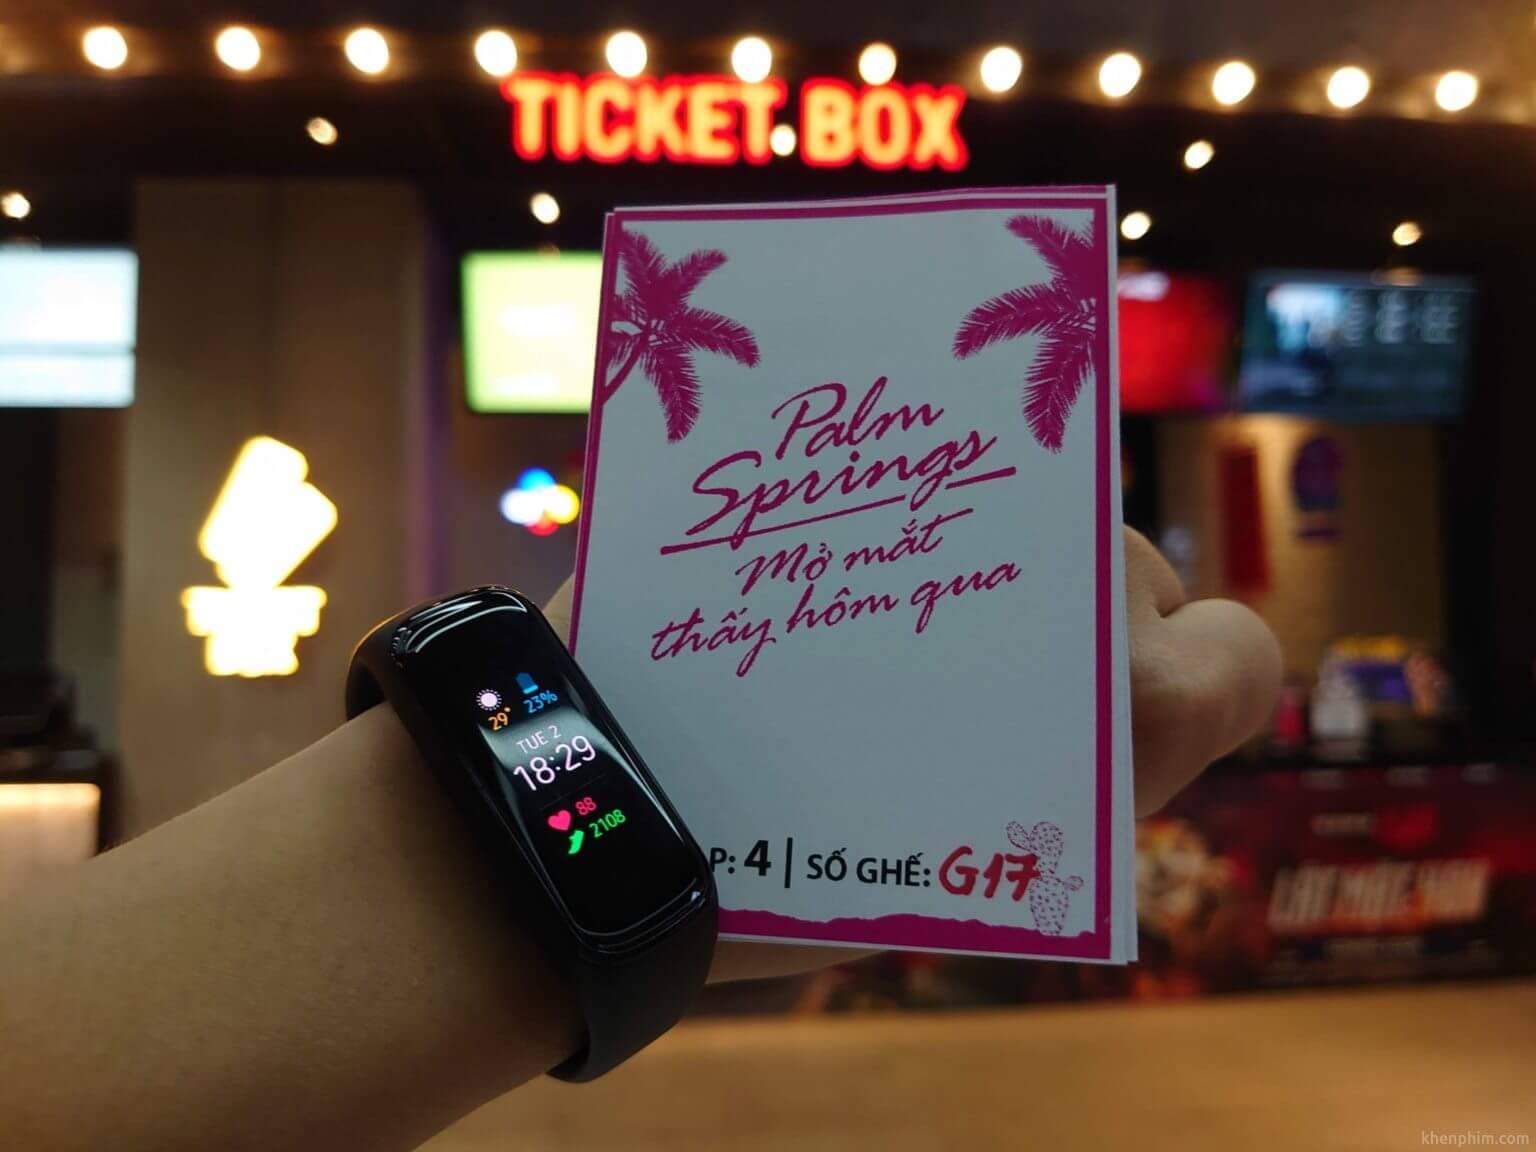 Vé xem phim Palm Springs (Mở Mắt Thấy Hôm Qua)